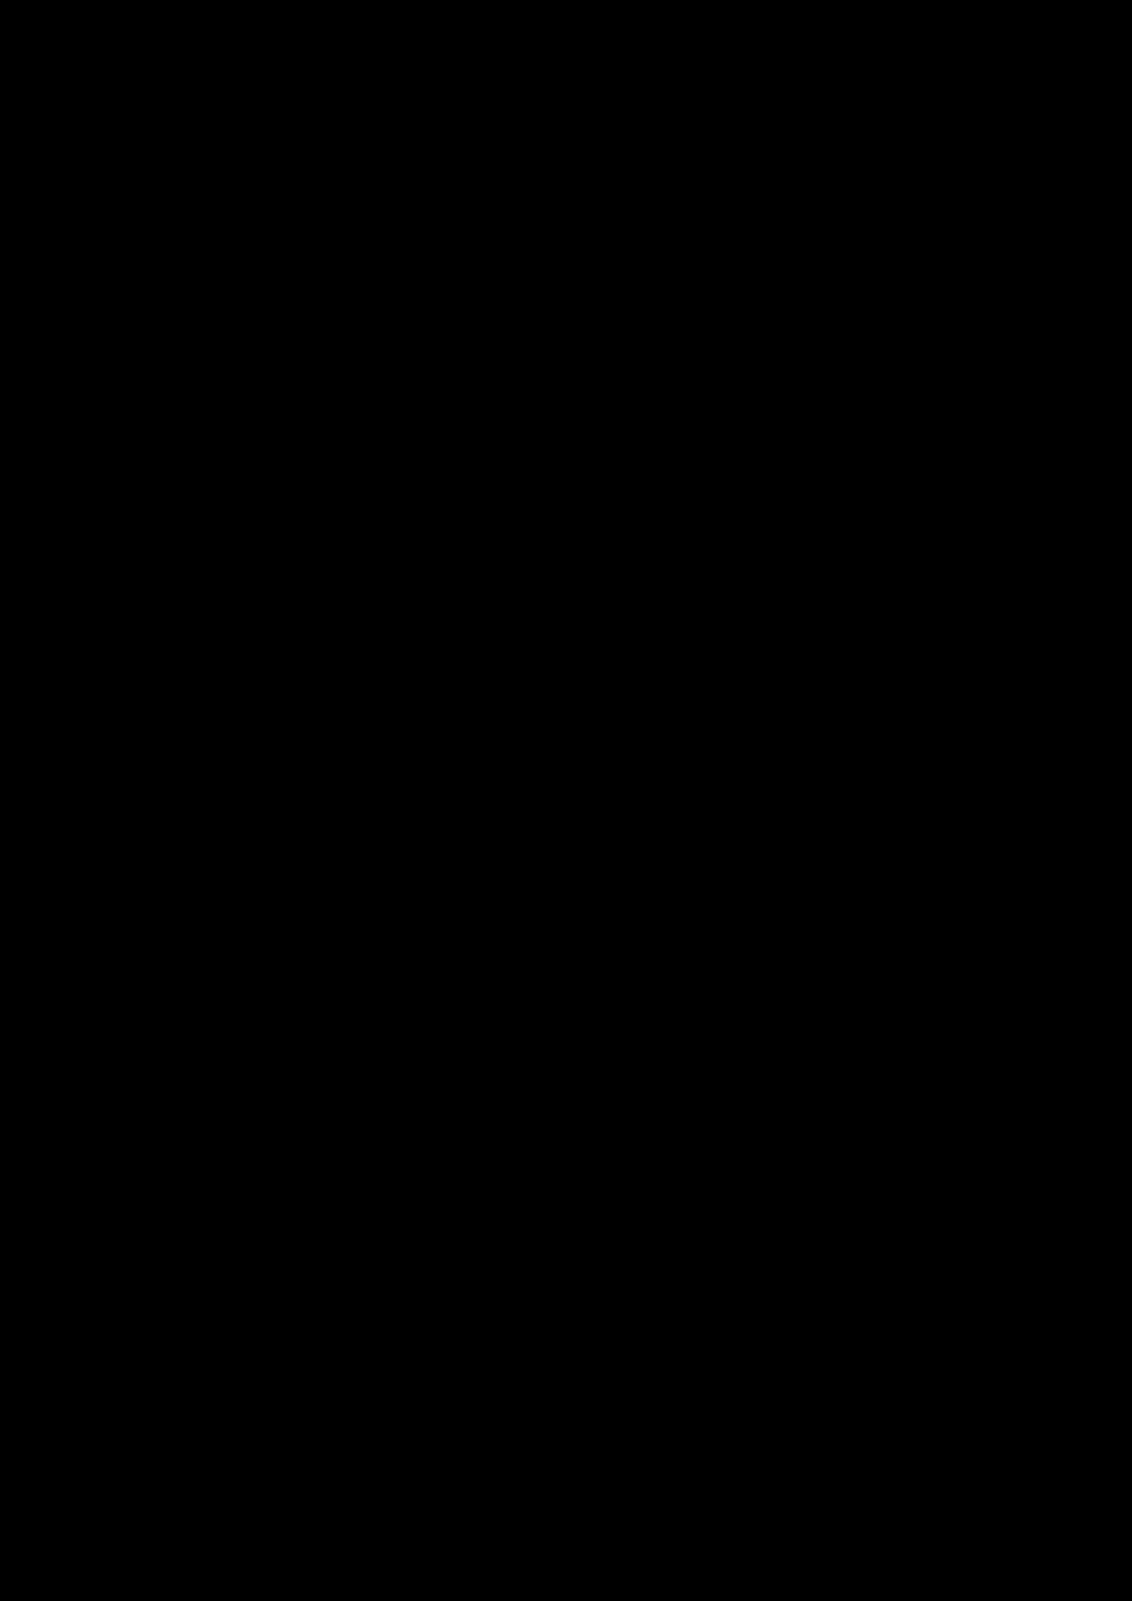 Serdtse slide, Image 61